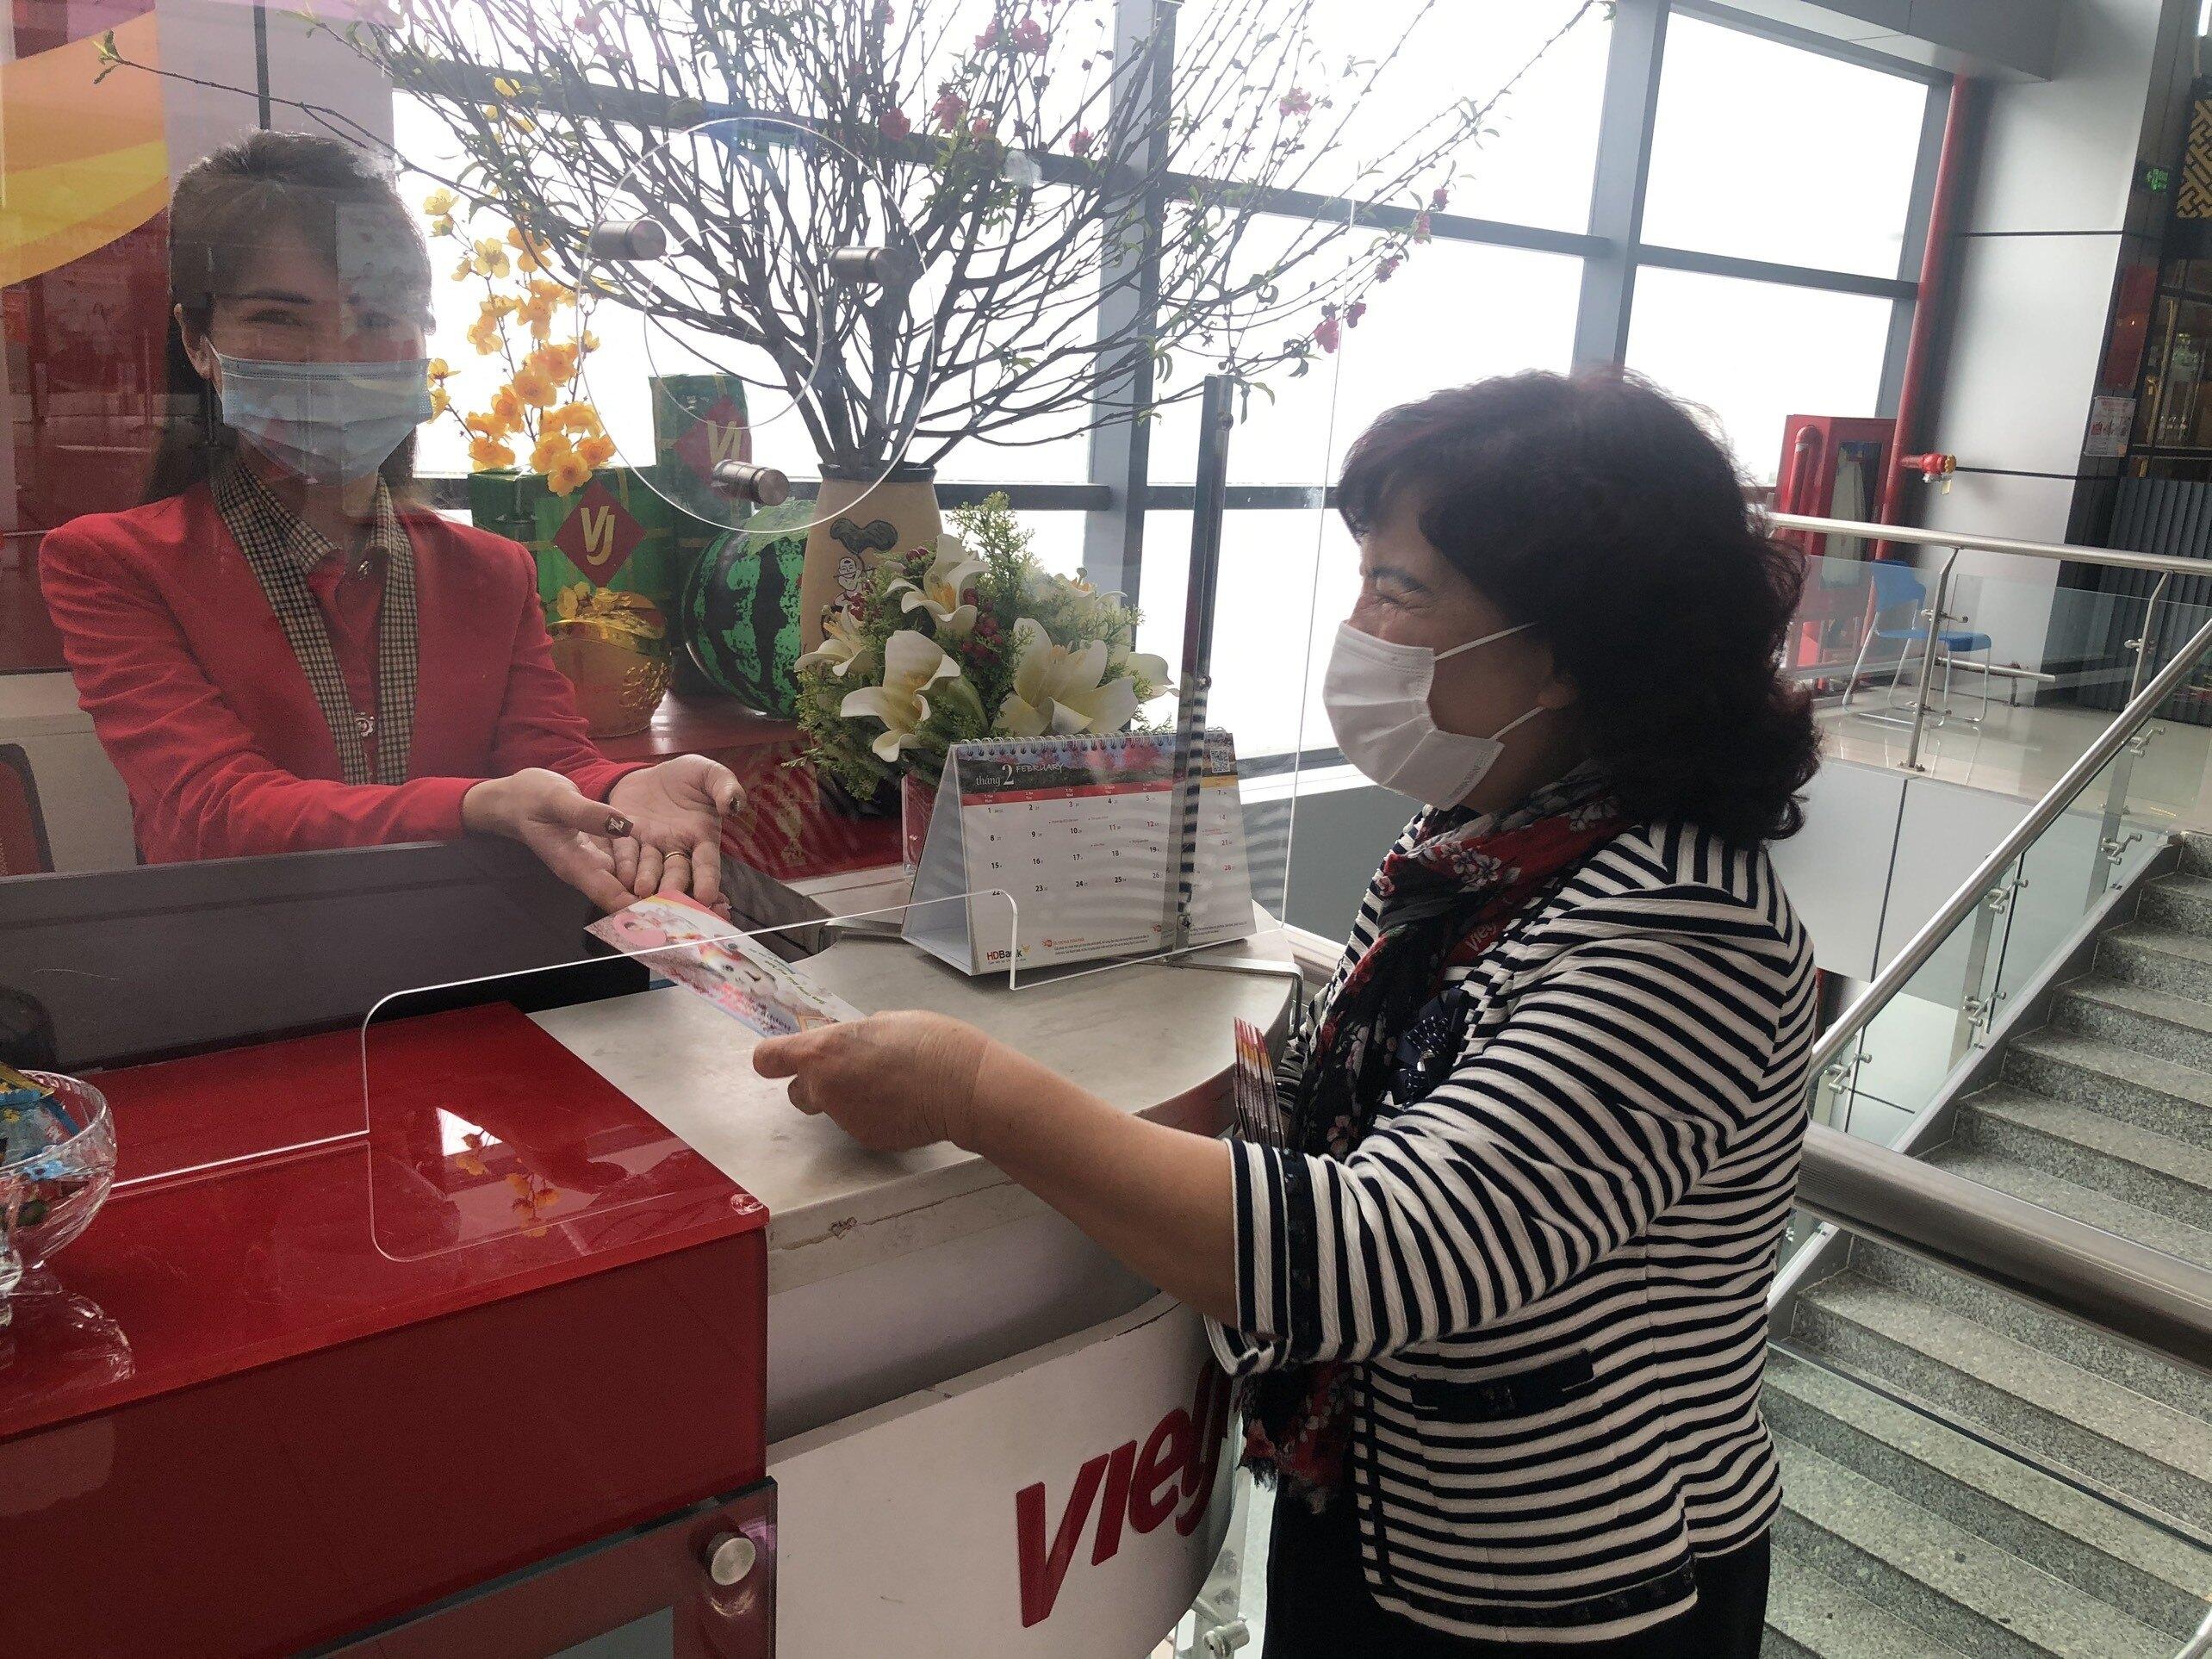 Chủ tịch Hội đồng Quản trị Nguyễn Thanh Hà đã có mặt tại sân bay Nội Bài để chúc mừng năm mới, tặng quà may mắn đầu năm cho các nhân viên đang làm nhiệm vụ.